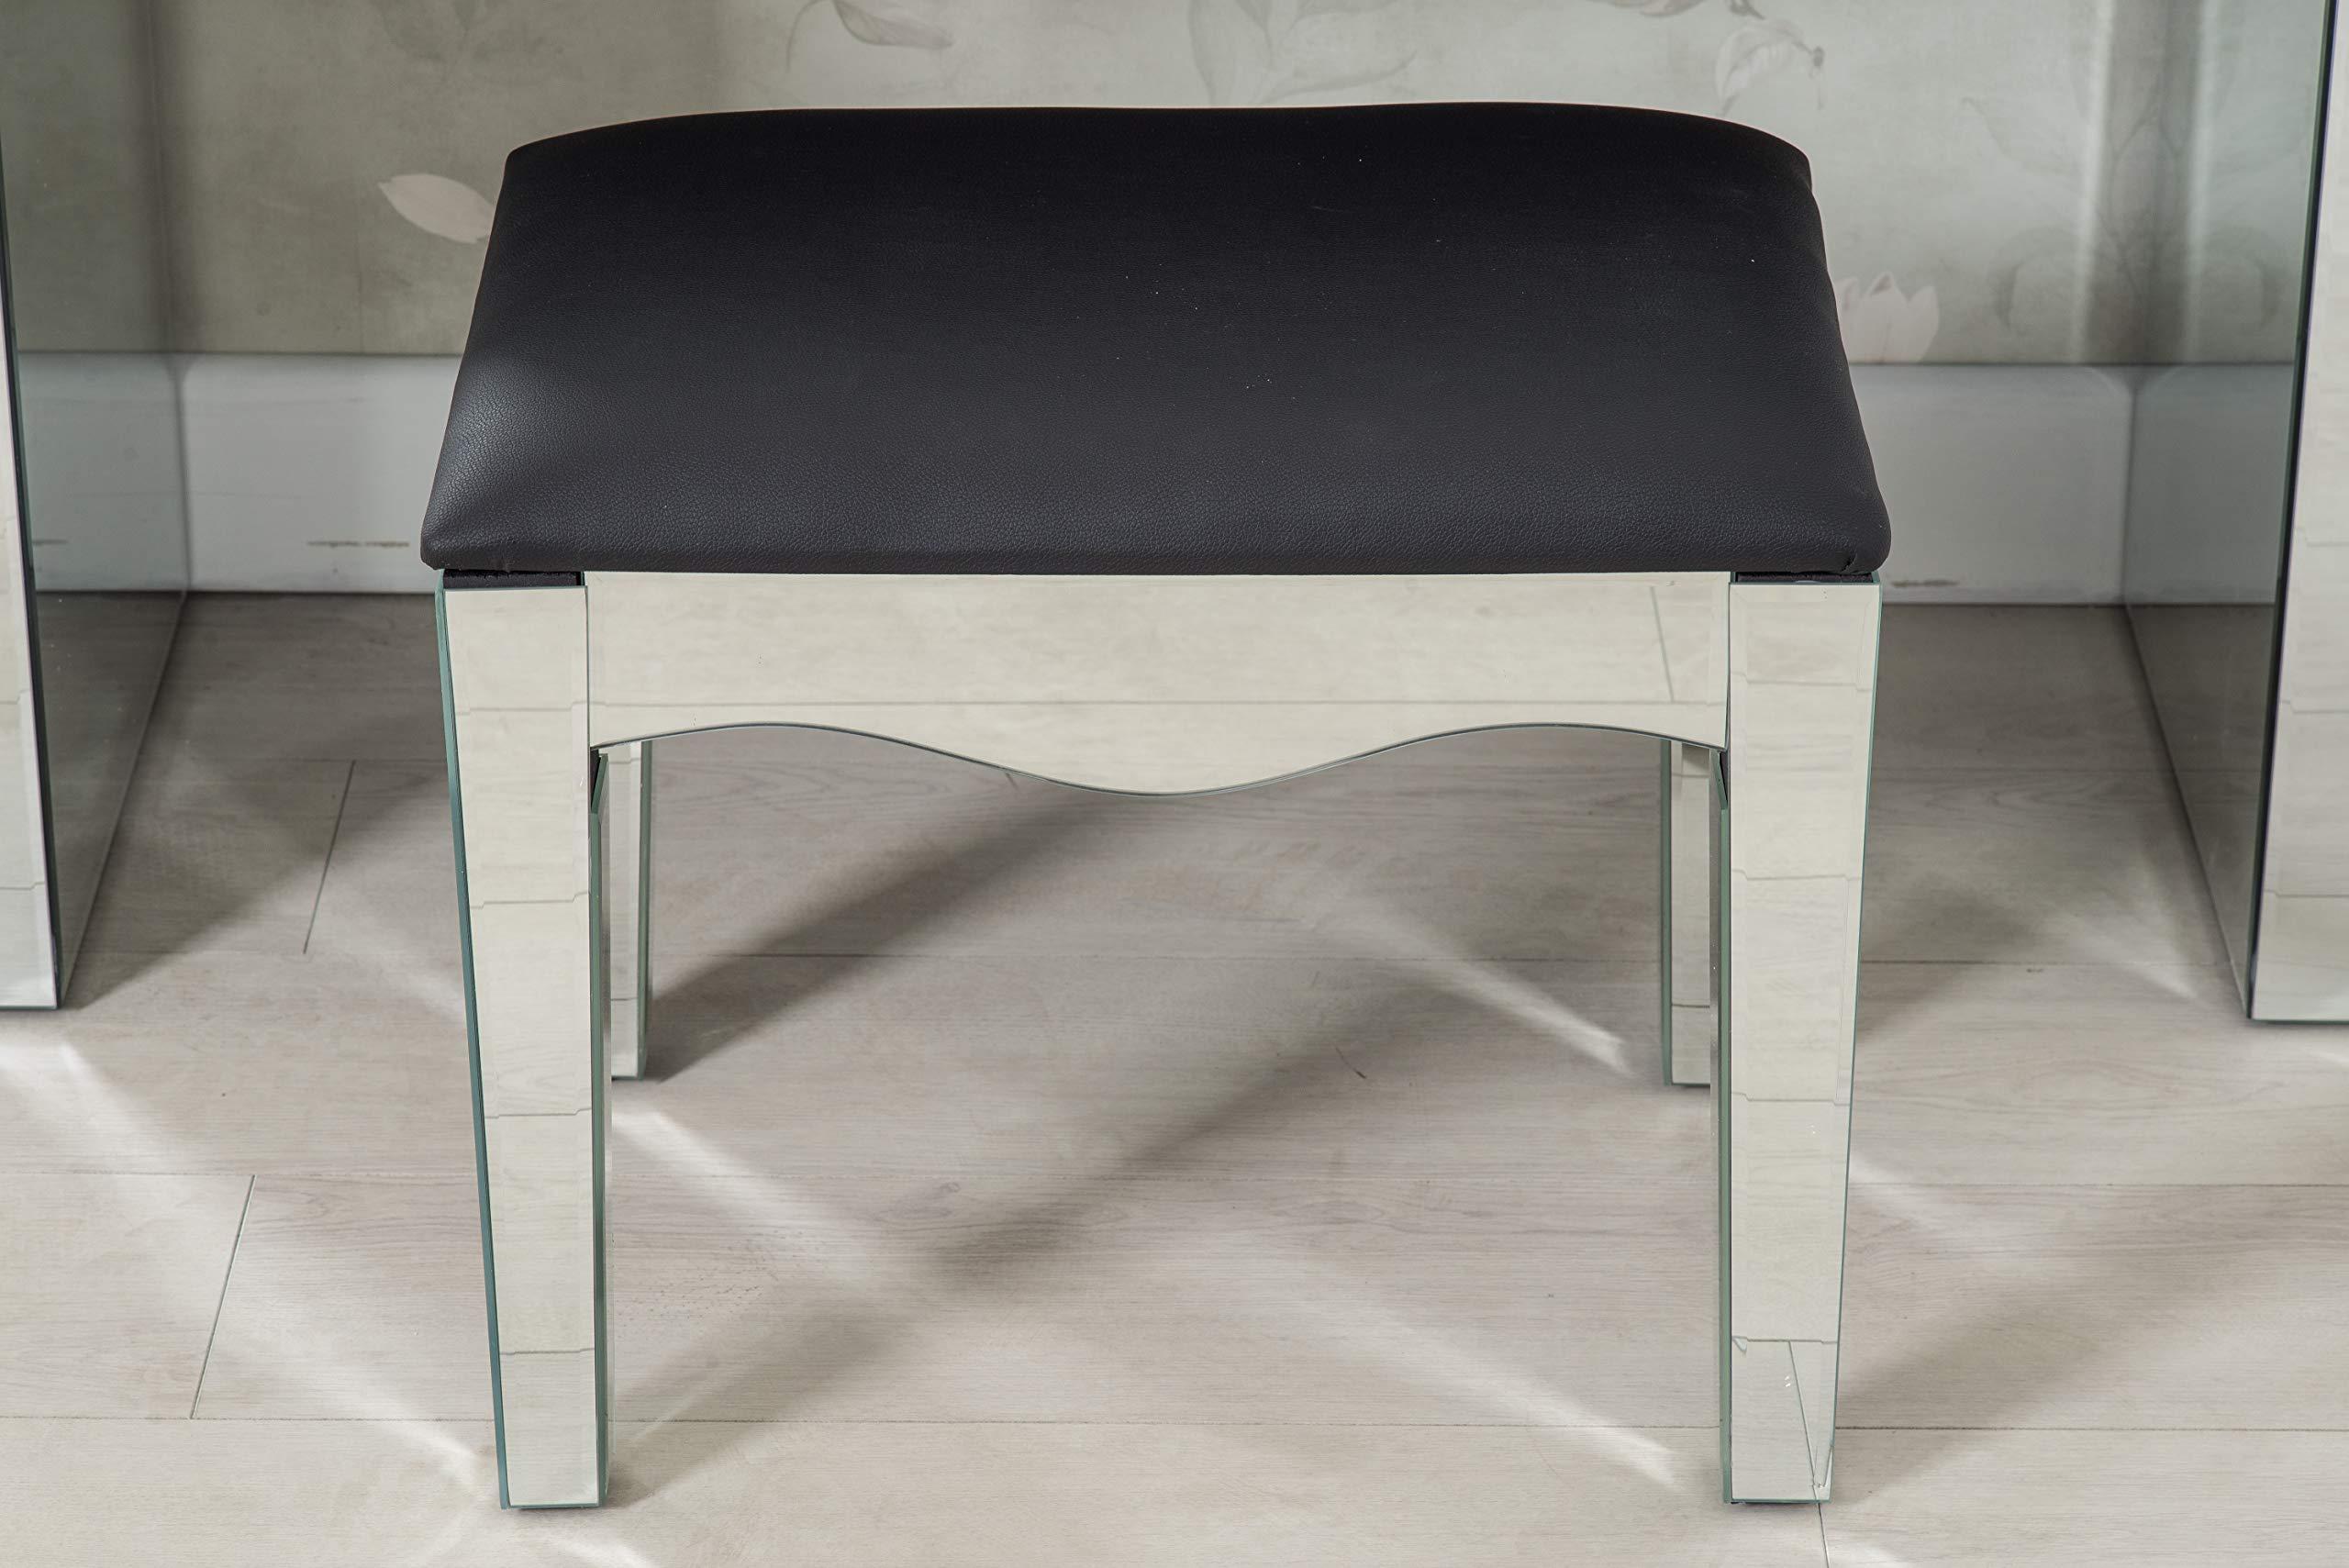 Furnituremaxi tavolino da toeletta in vetro con specchio e